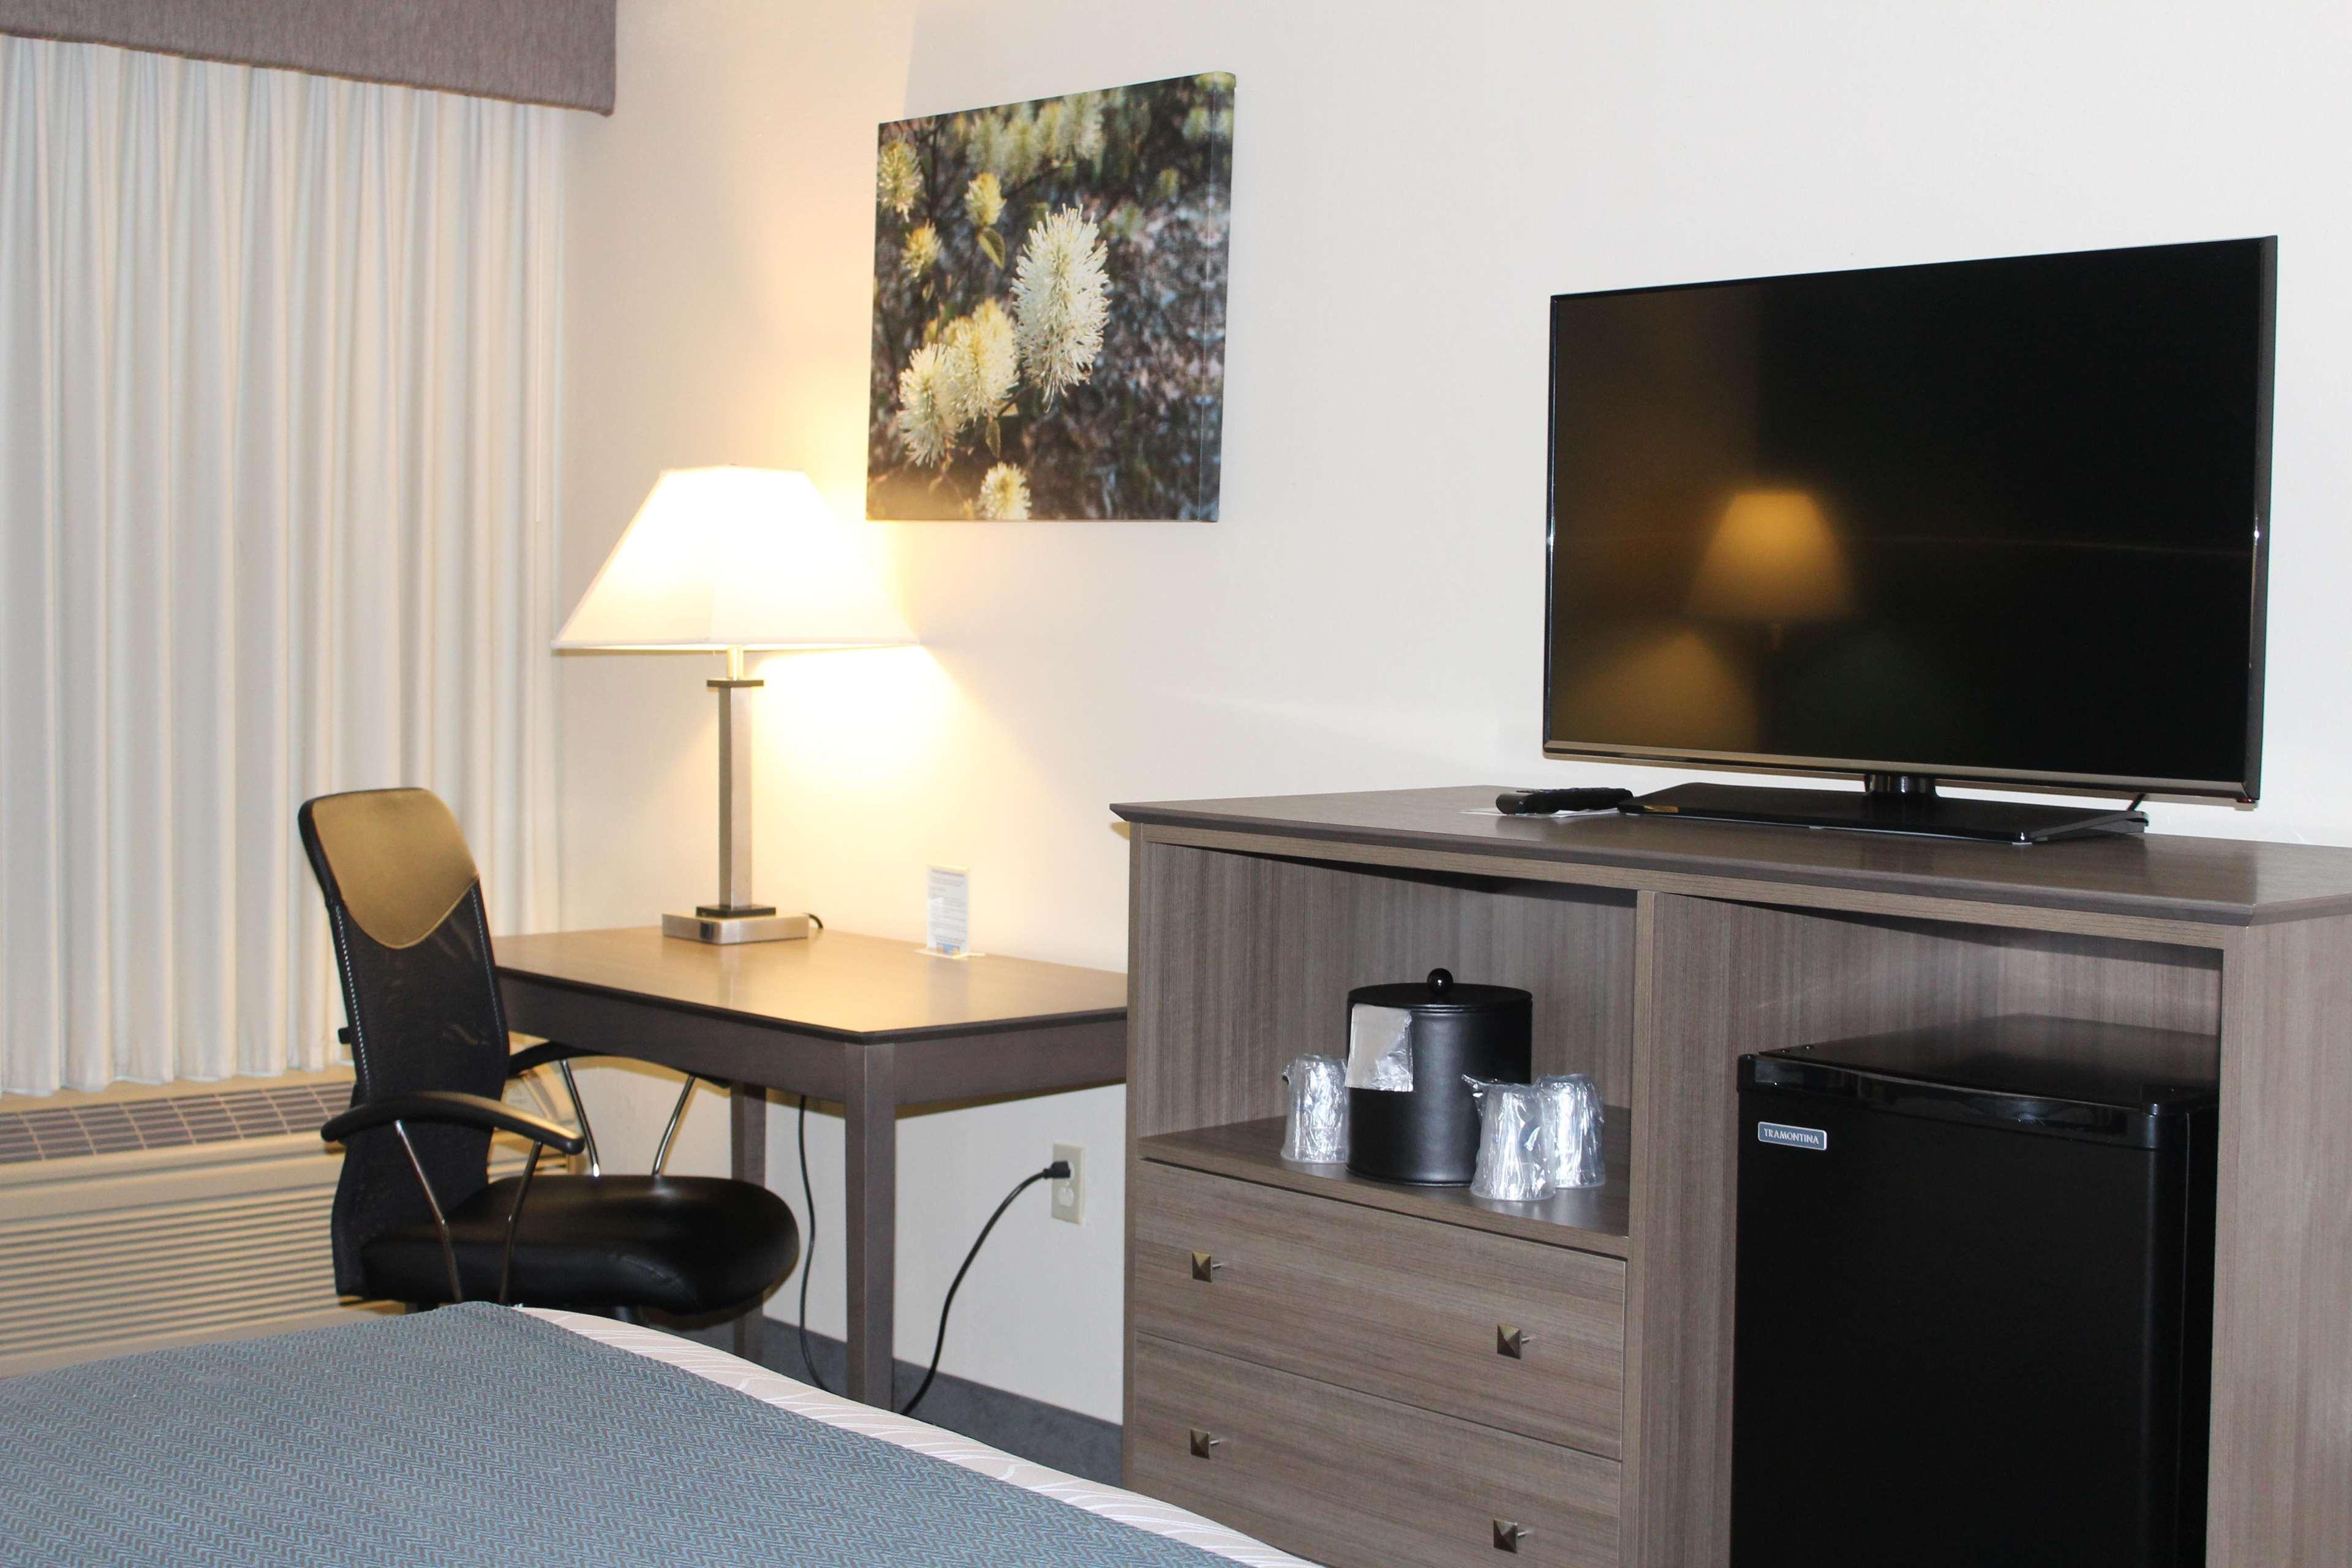 Best Western Plus Yadkin Valley Inn & Suites image 14